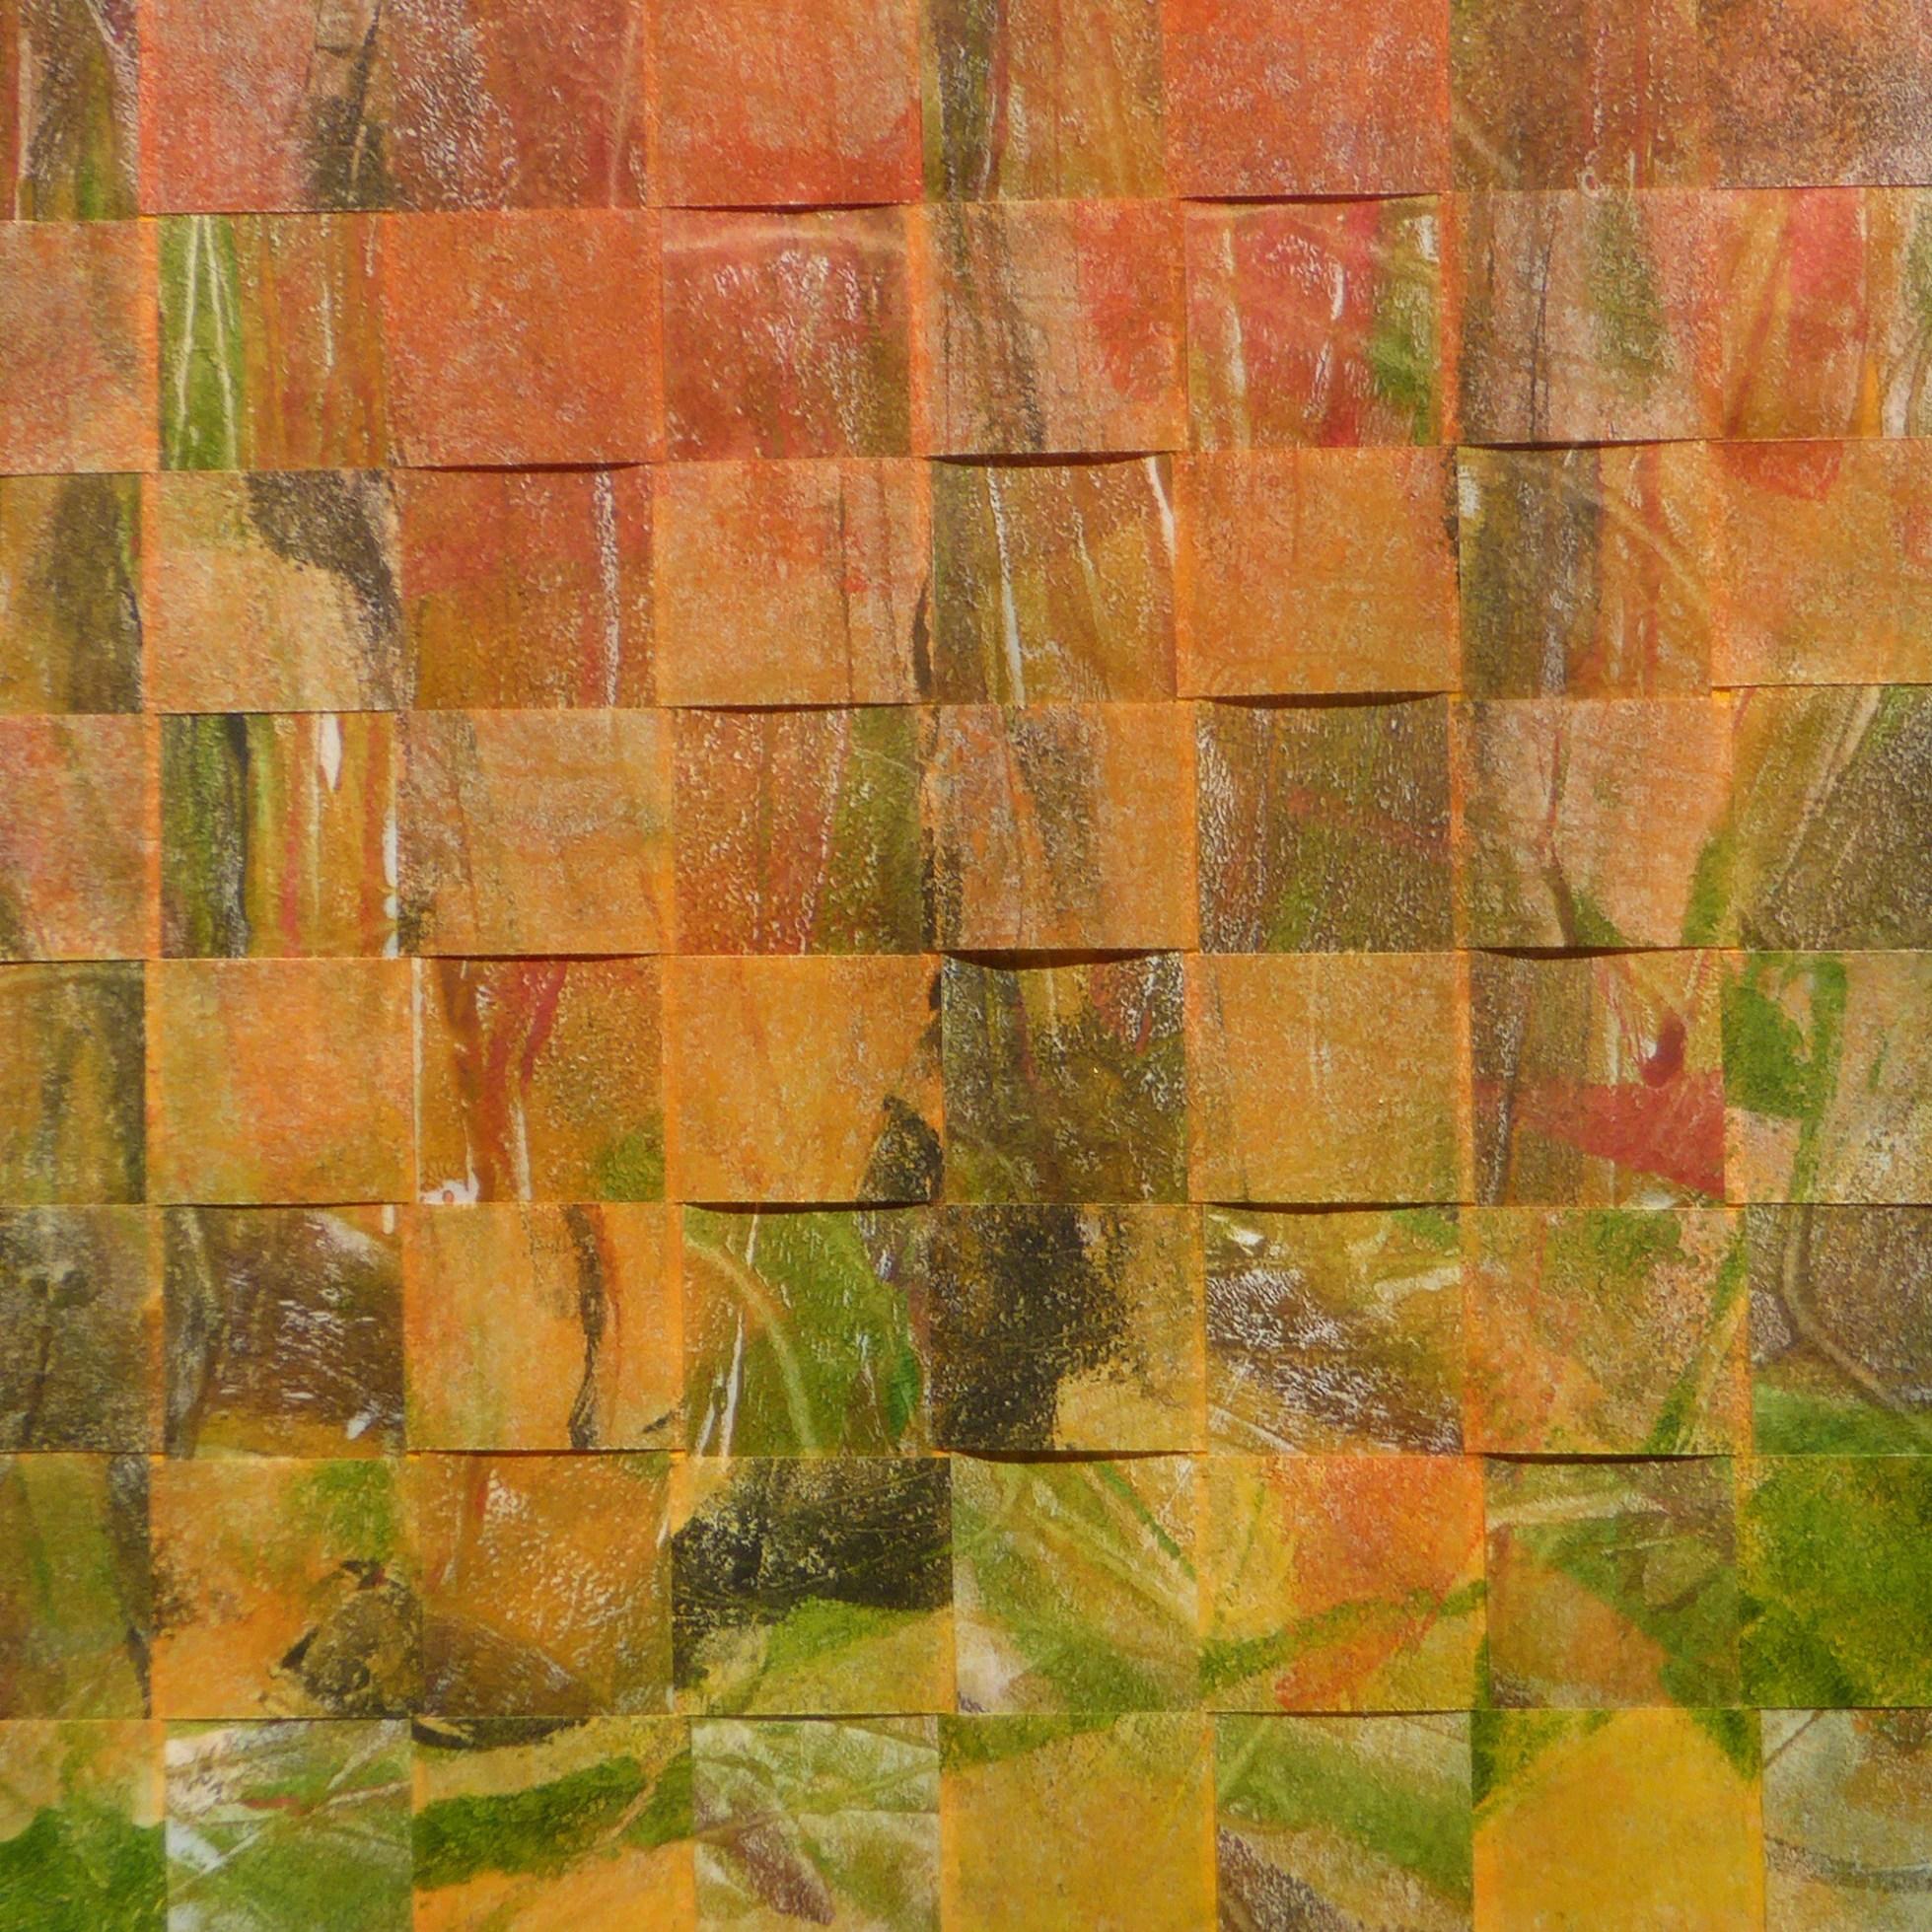 Woven Forest 2 of 3 - Julie Erreca